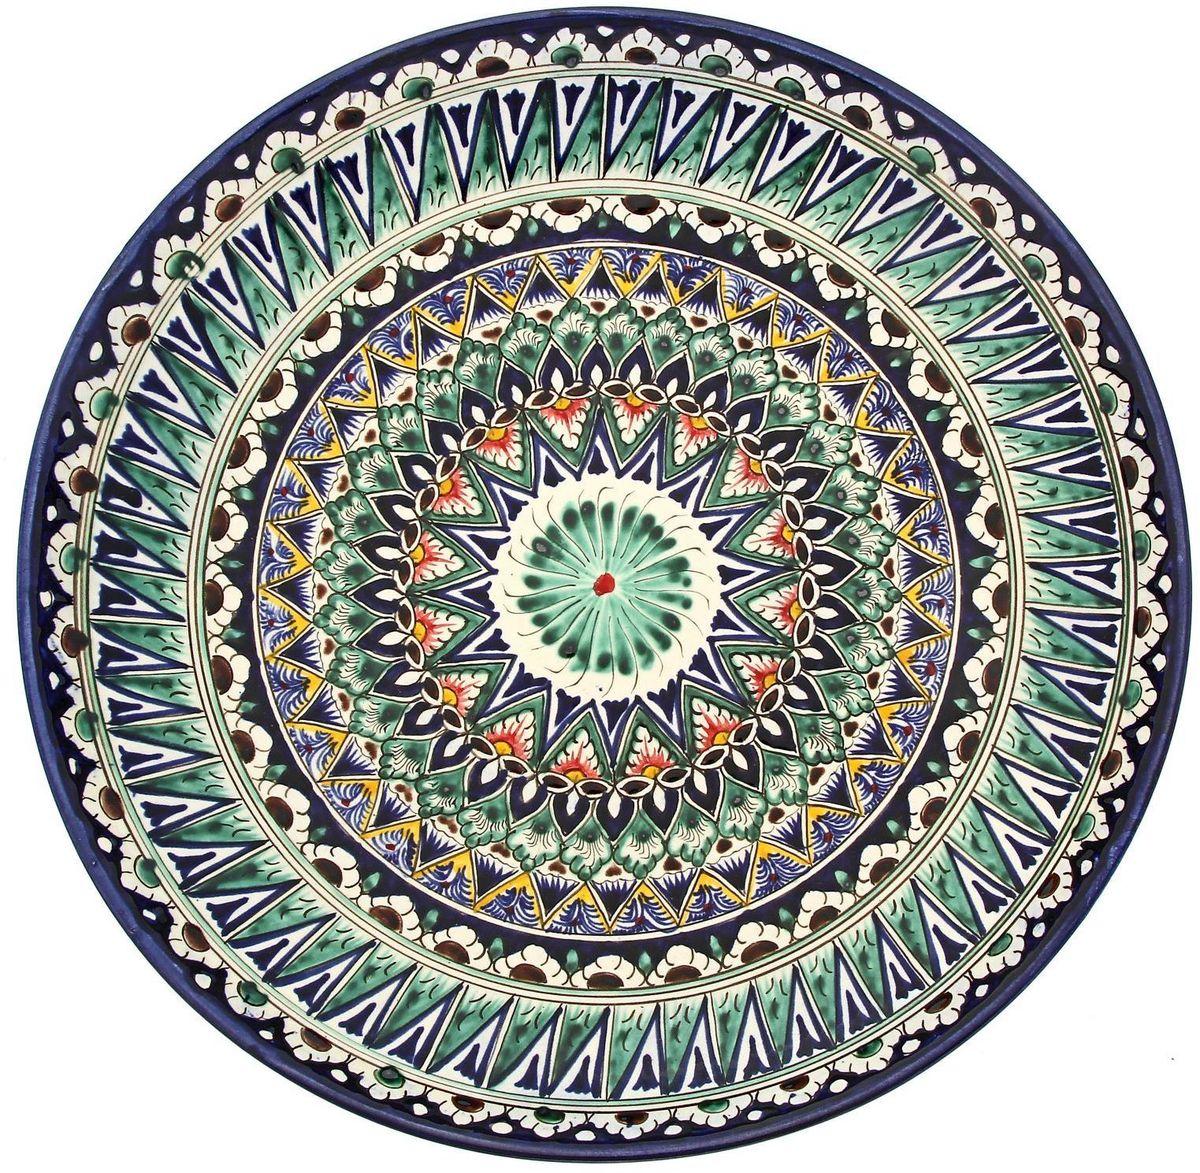 Ляган Риштанская керамика, цвет: синий, белый, диаметр 31 см. 19242261924226Ляган Риштанская керамика — это не просто обеденный атрибут, это украшение стола. Посуда с национальной росписью станет отменным подарком для ценителей высокородной посуды.Риштан — город на востоке Узбекистана, один из древнейших в Ферганской долине. С давних времен Риштан славится своим гончарным искусством изготовления цветной керамики. Красноватую глину для изделия добывают в самом городе. Мастера утверждают, что их глина настолько высокого качества, что даже не нуждается в предварительной обработке. Дополните коллекцию кухонных аксессуаров пряными восточными нотами.